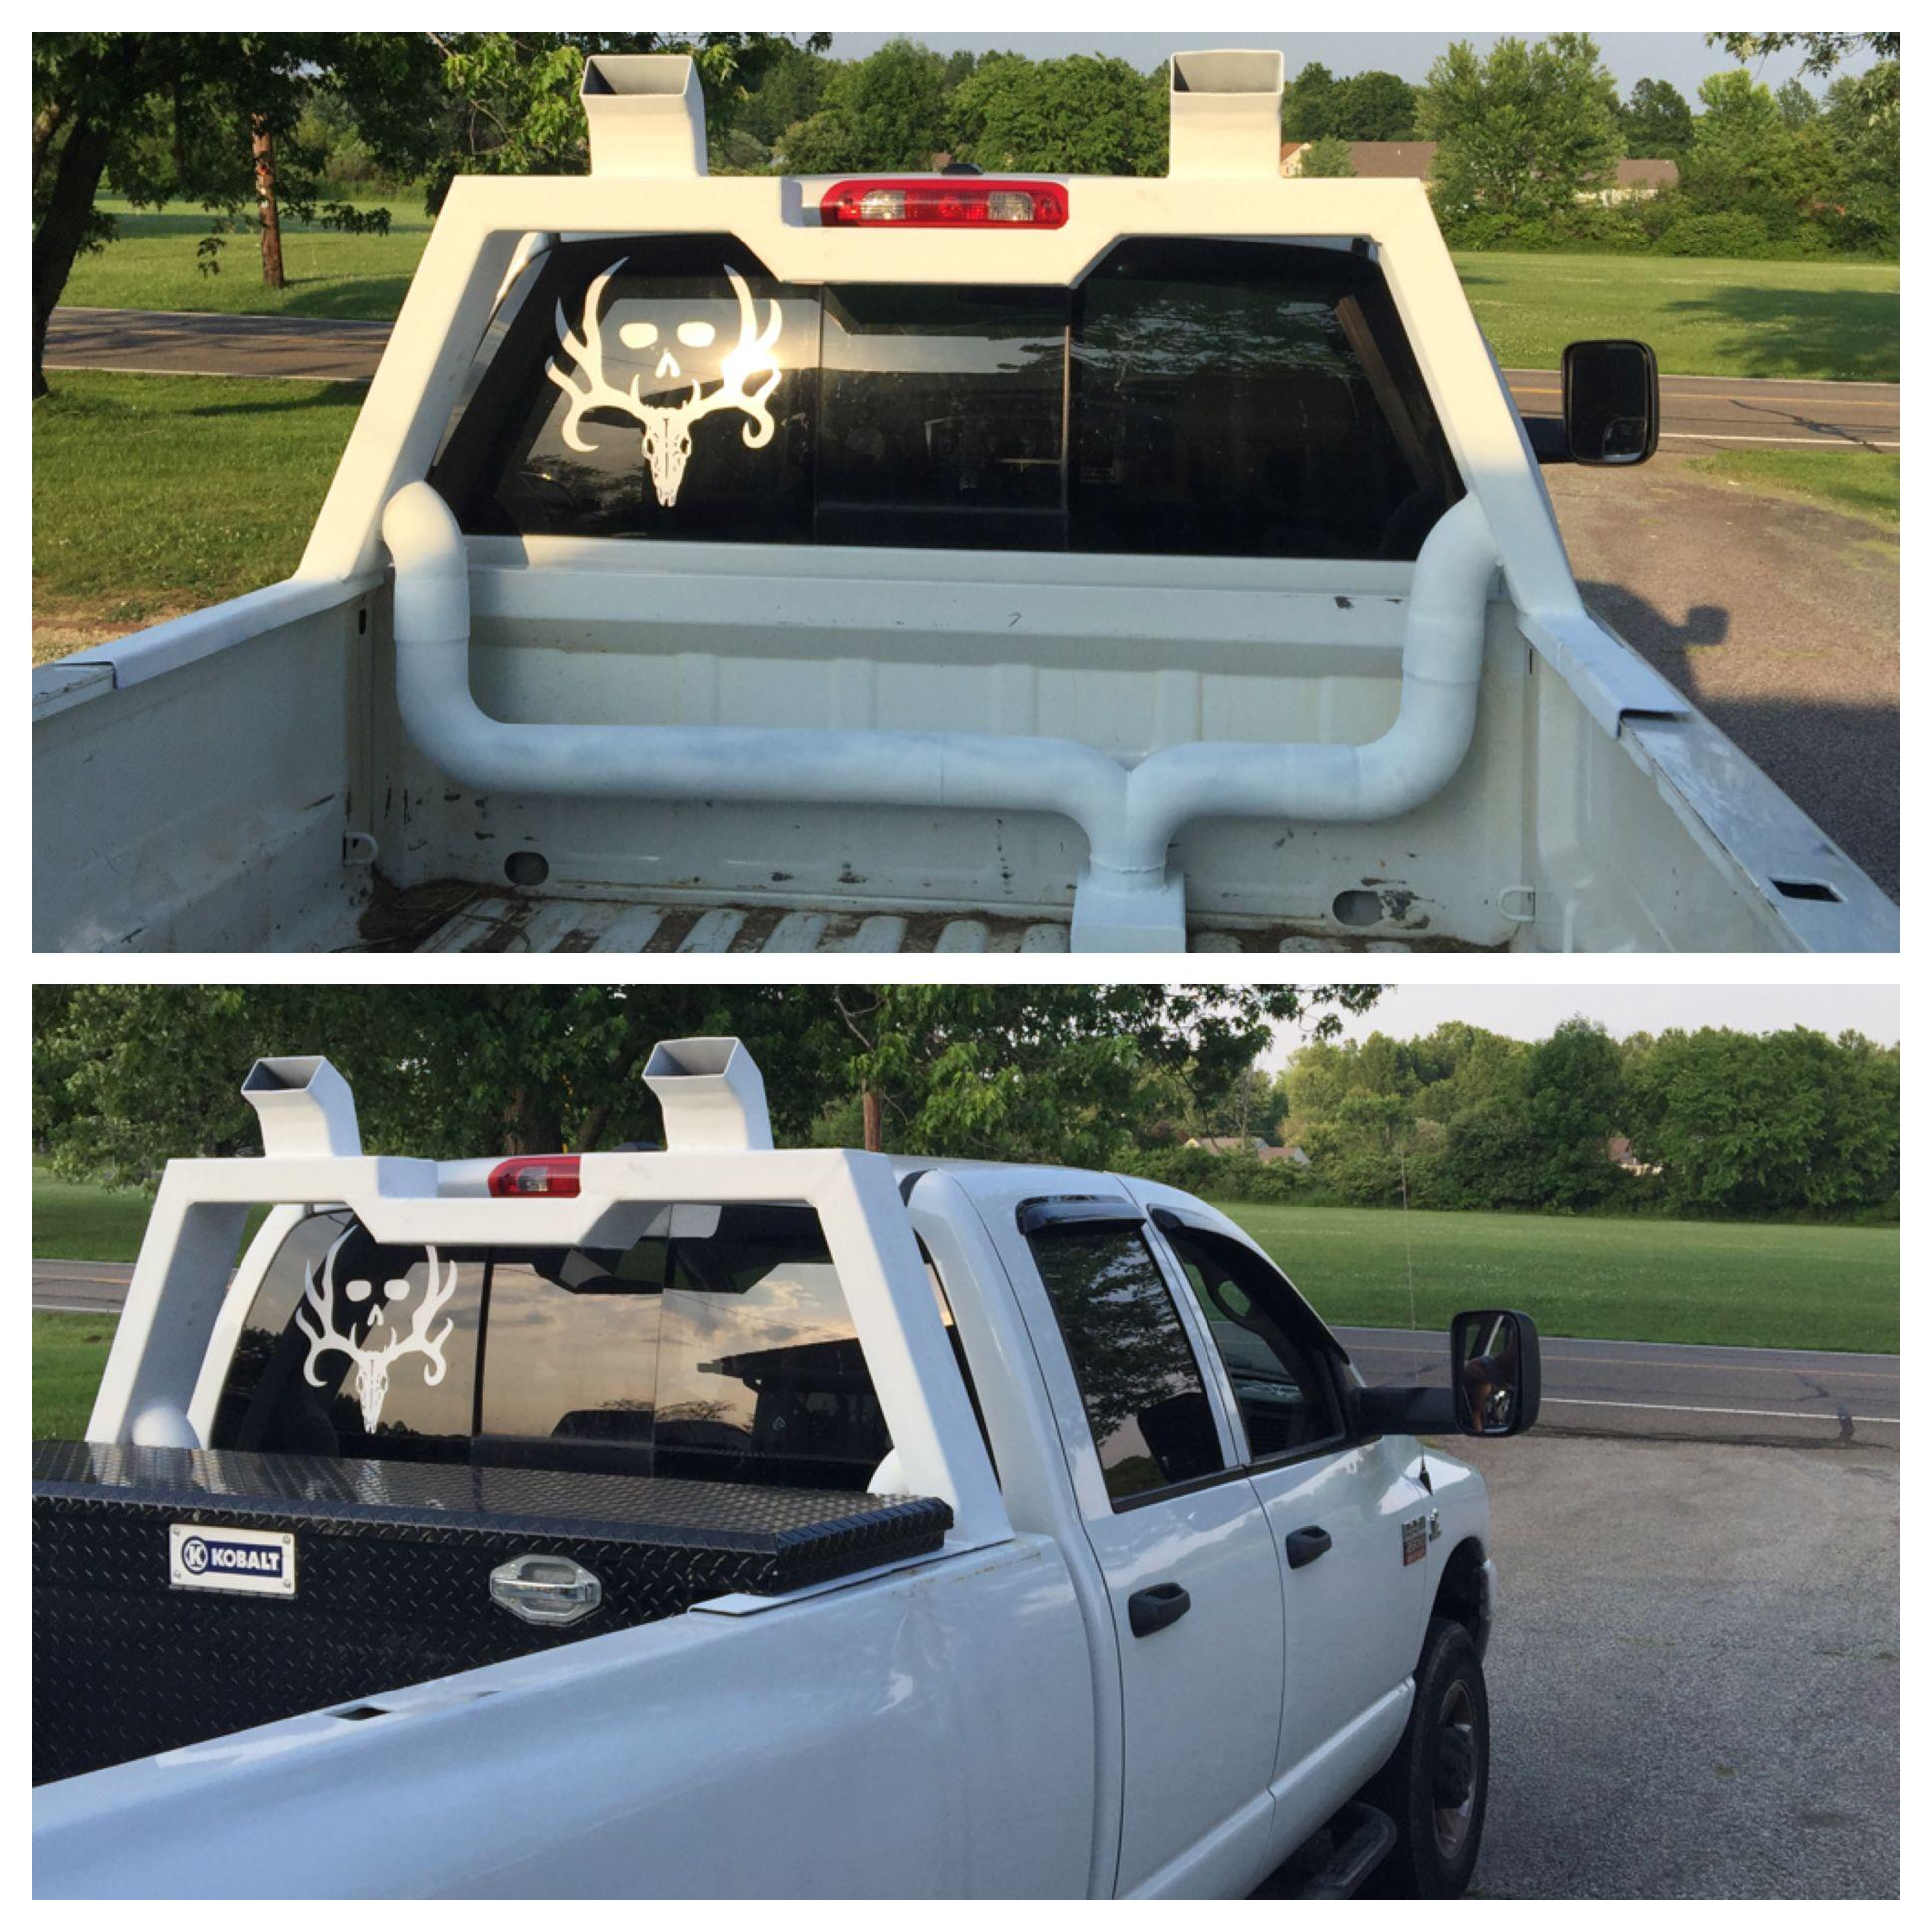 big trucks 4x4 trucks pickup trucks